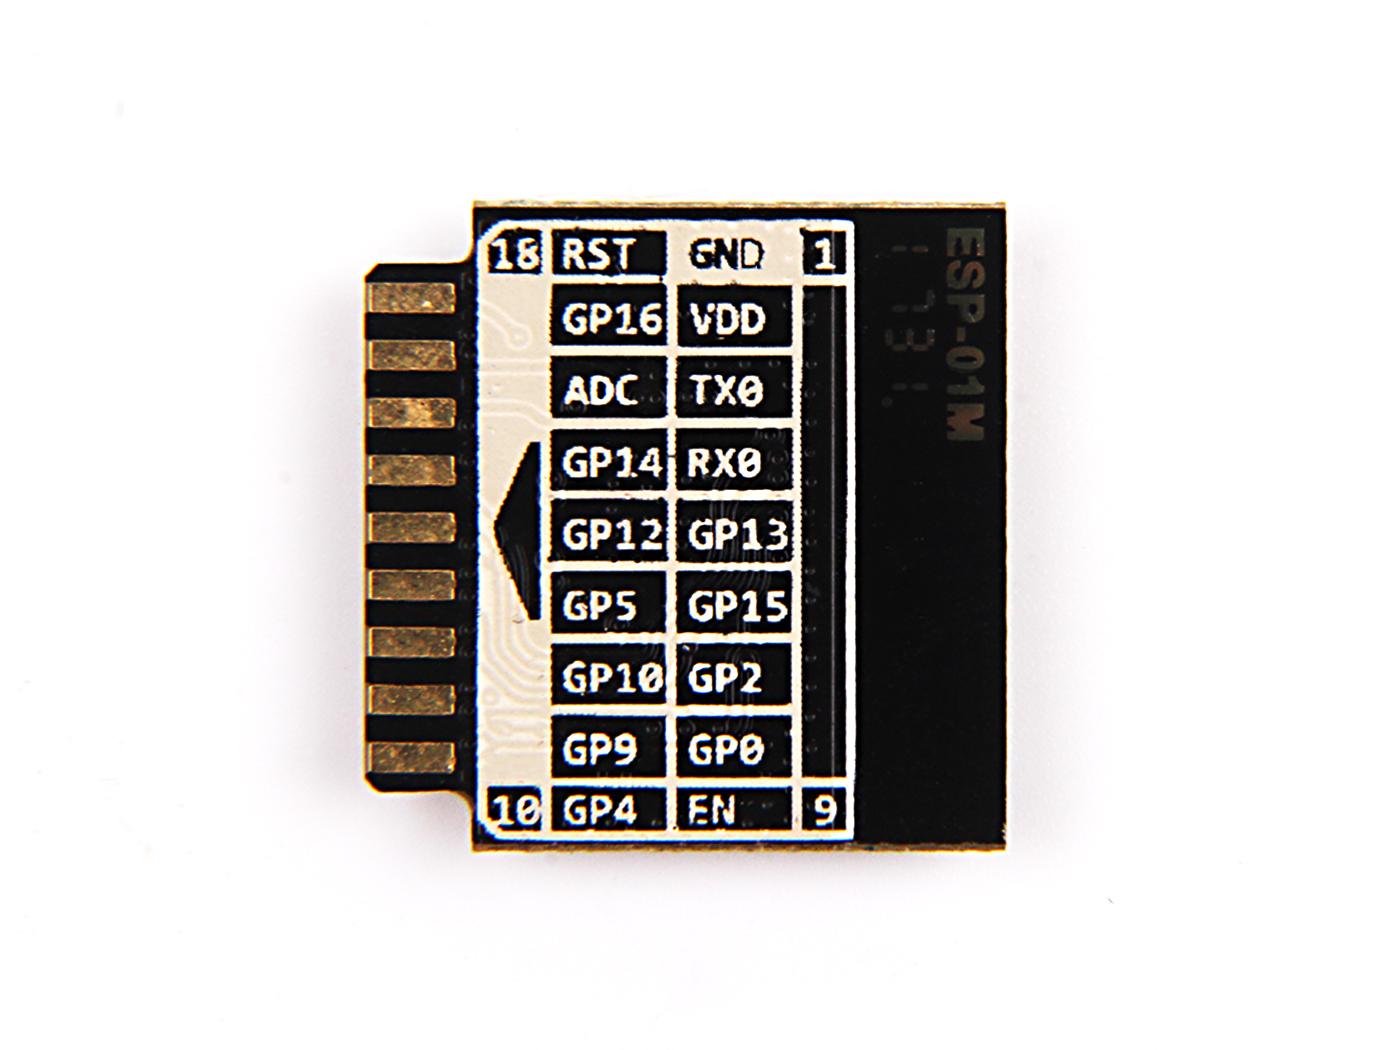 Seeedstudio ESP8285 Wi-Fi SoC Module